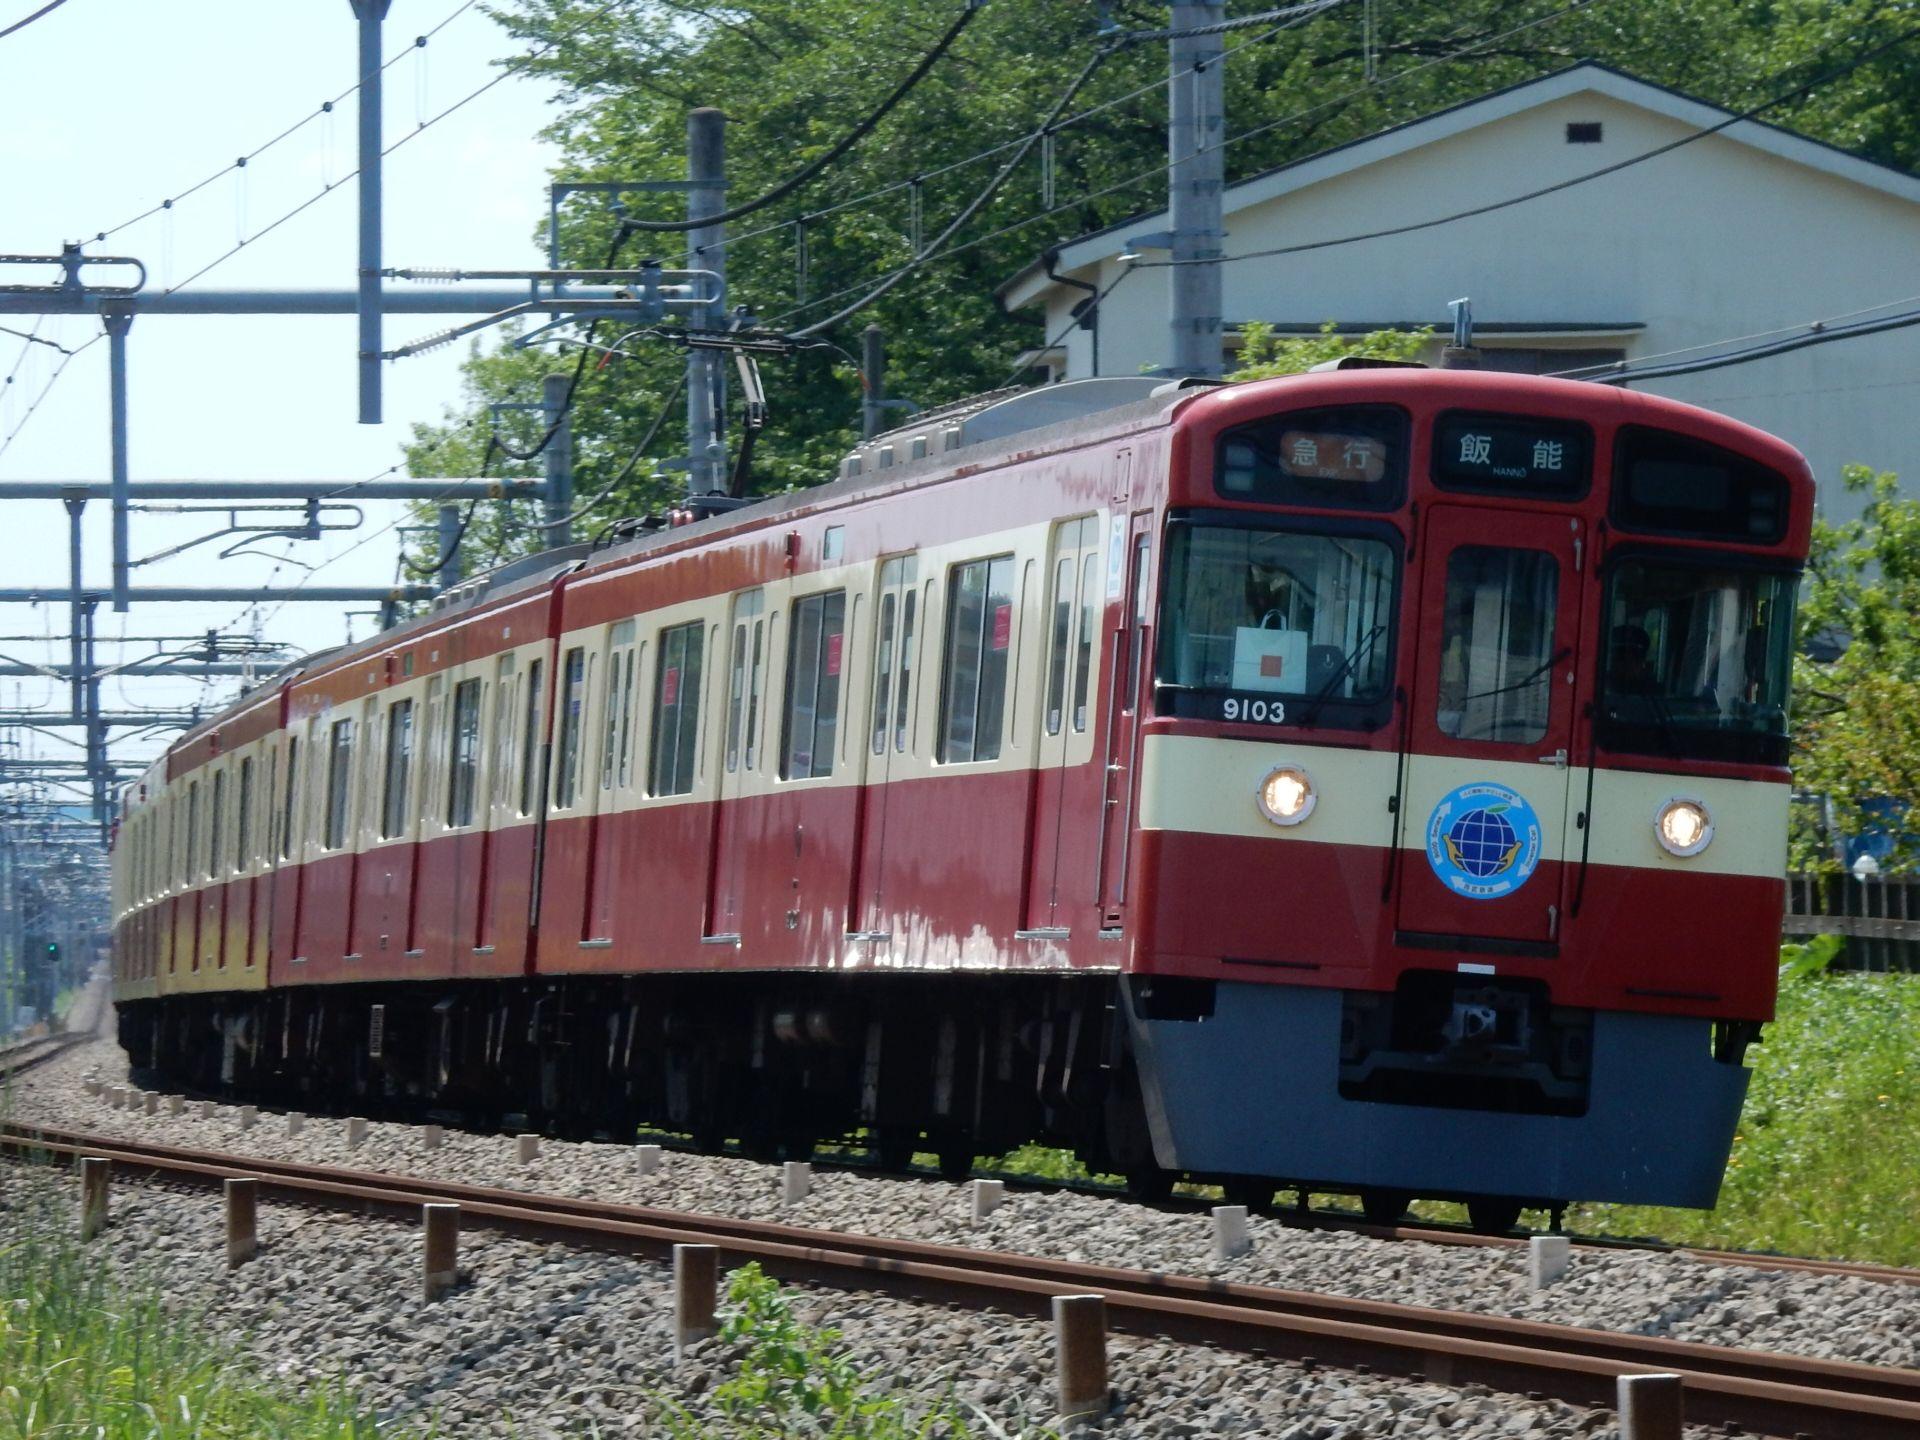 RSCN8589 - コピー